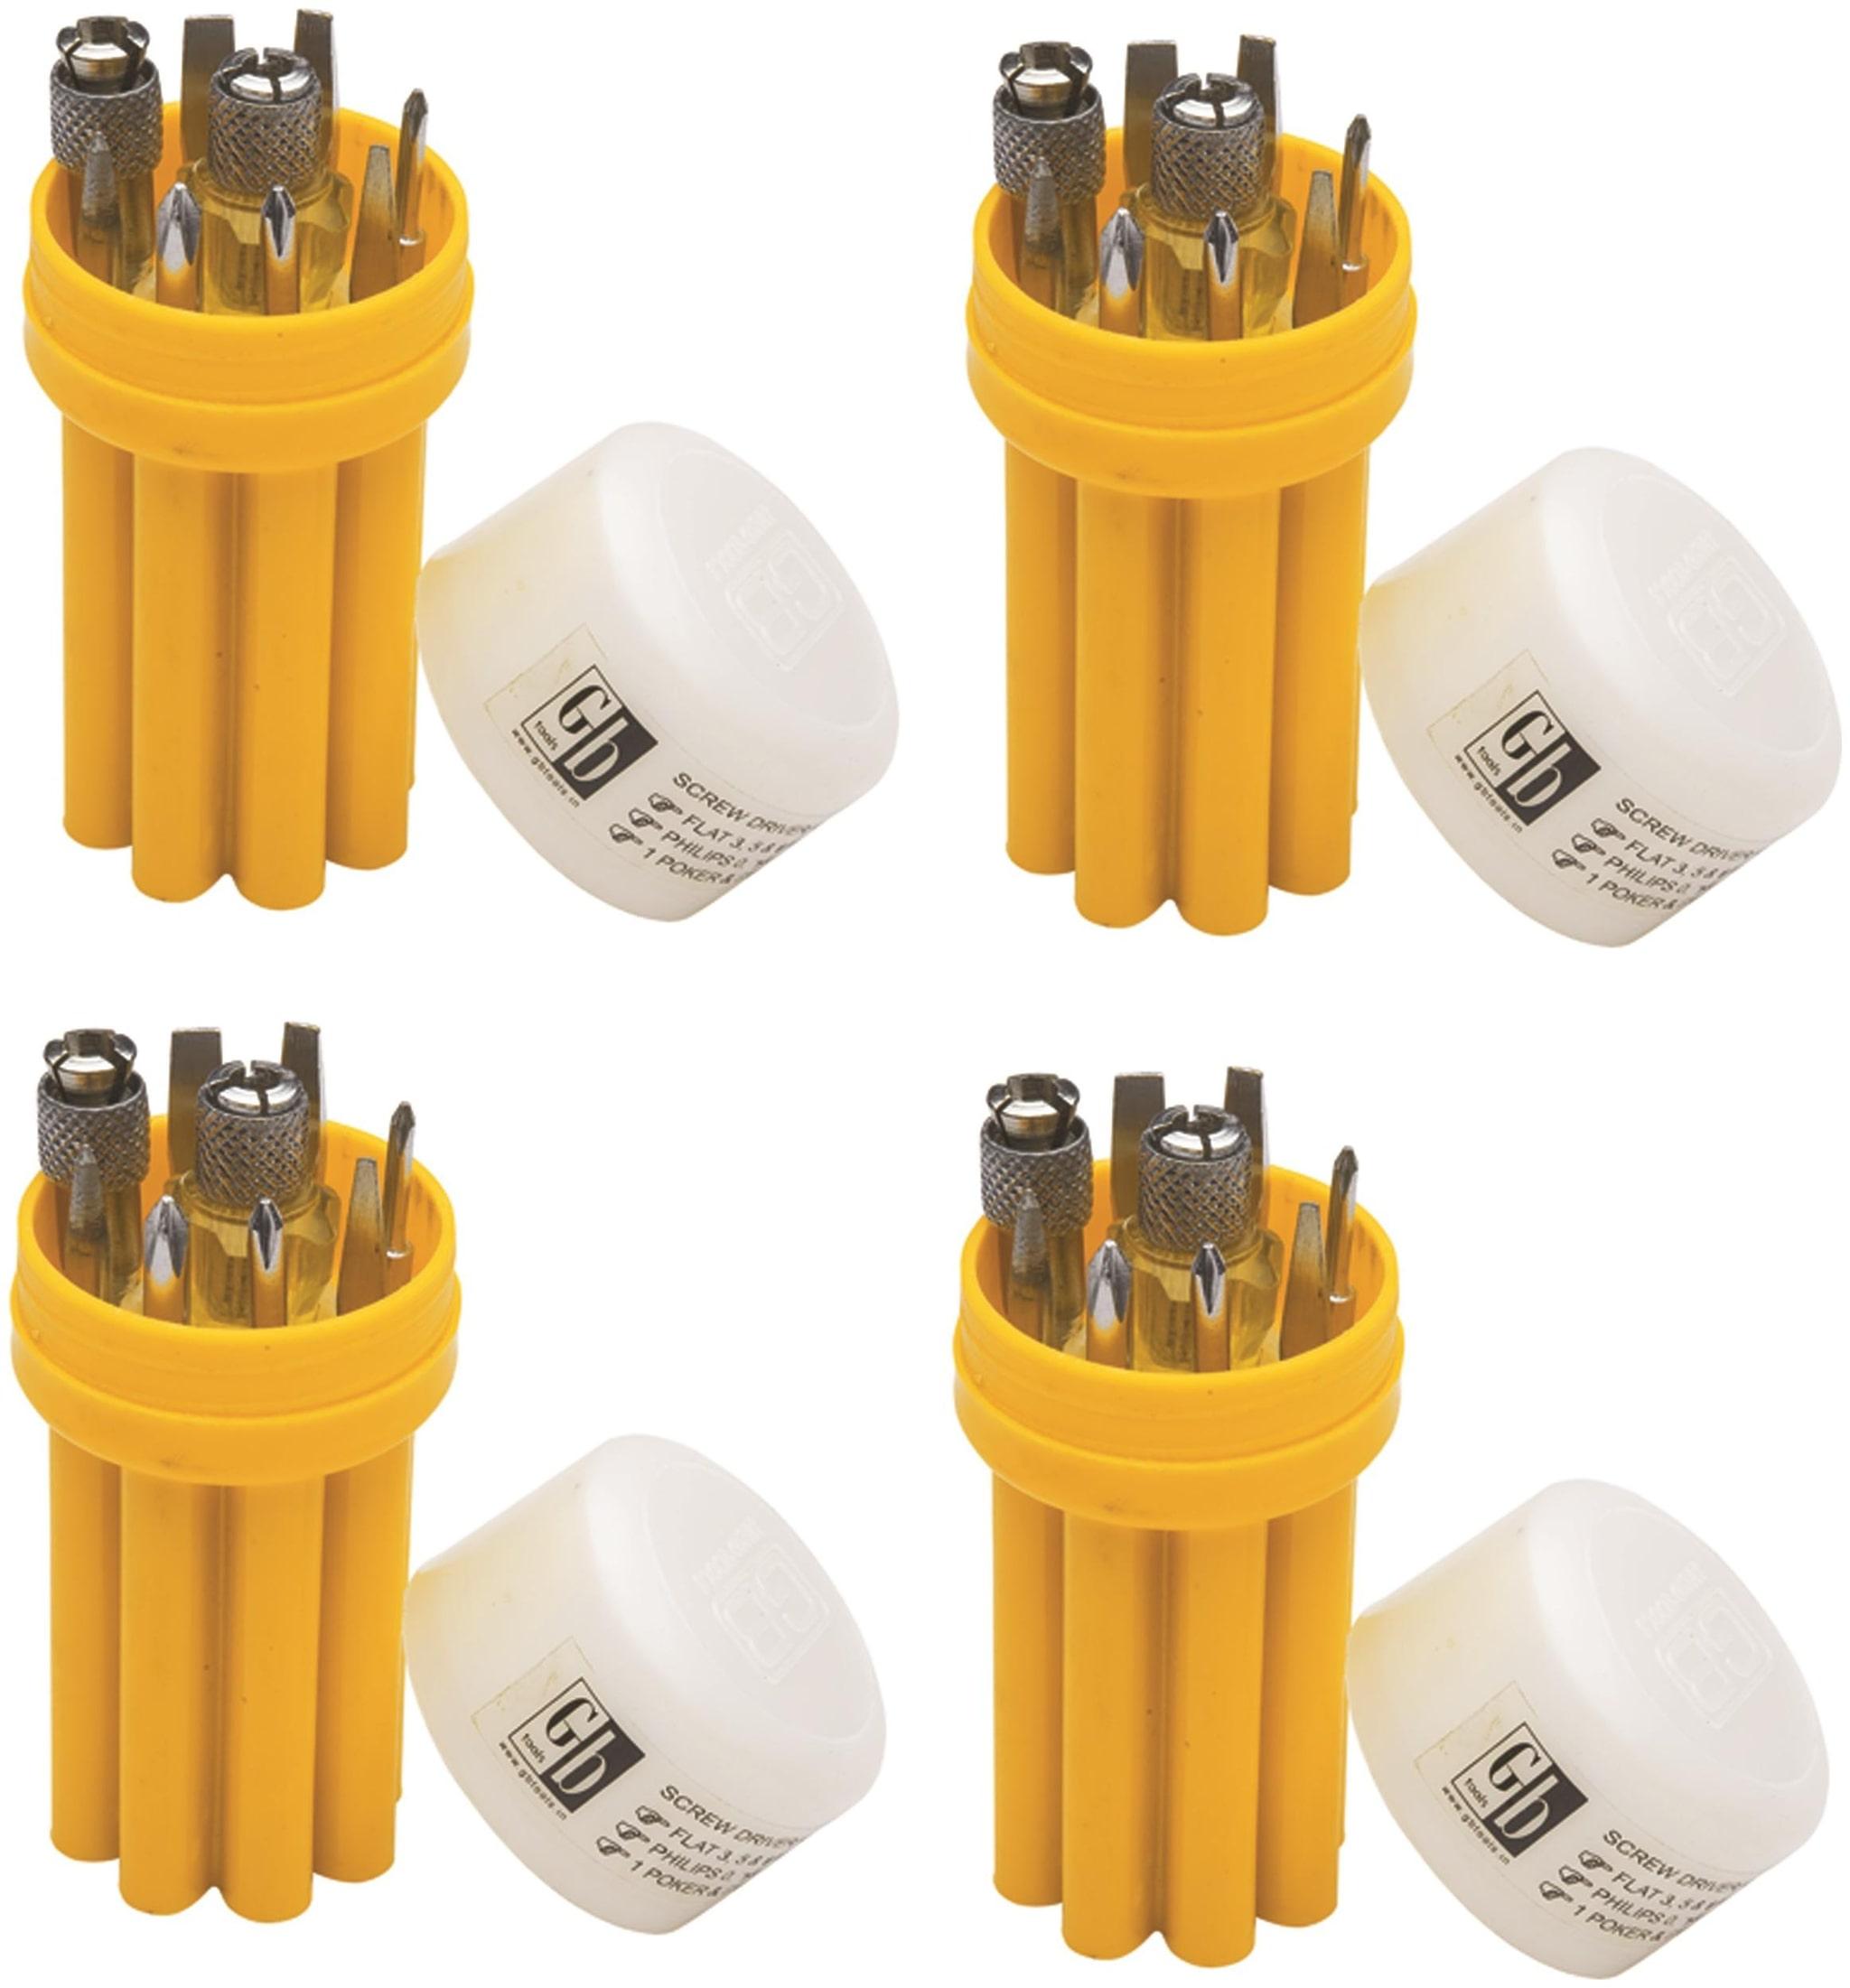 GB Tools   Screw Driver Kit Set of 4 kits  Include 8X4 pcs